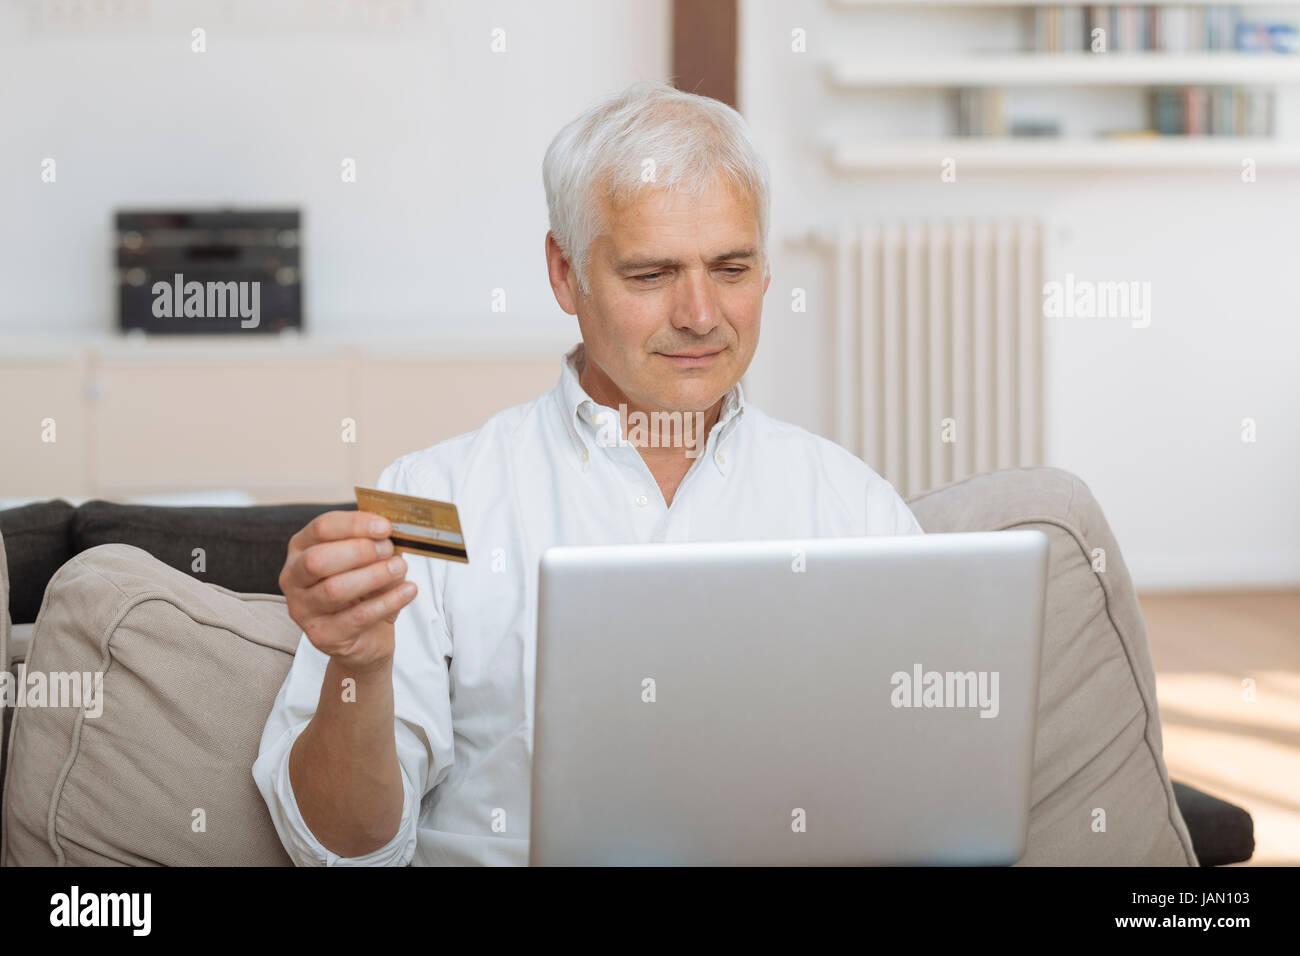 Hombre maduro utilizando su ordenador portátil y la celebración de su tarjeta de crédito Imagen De Stock